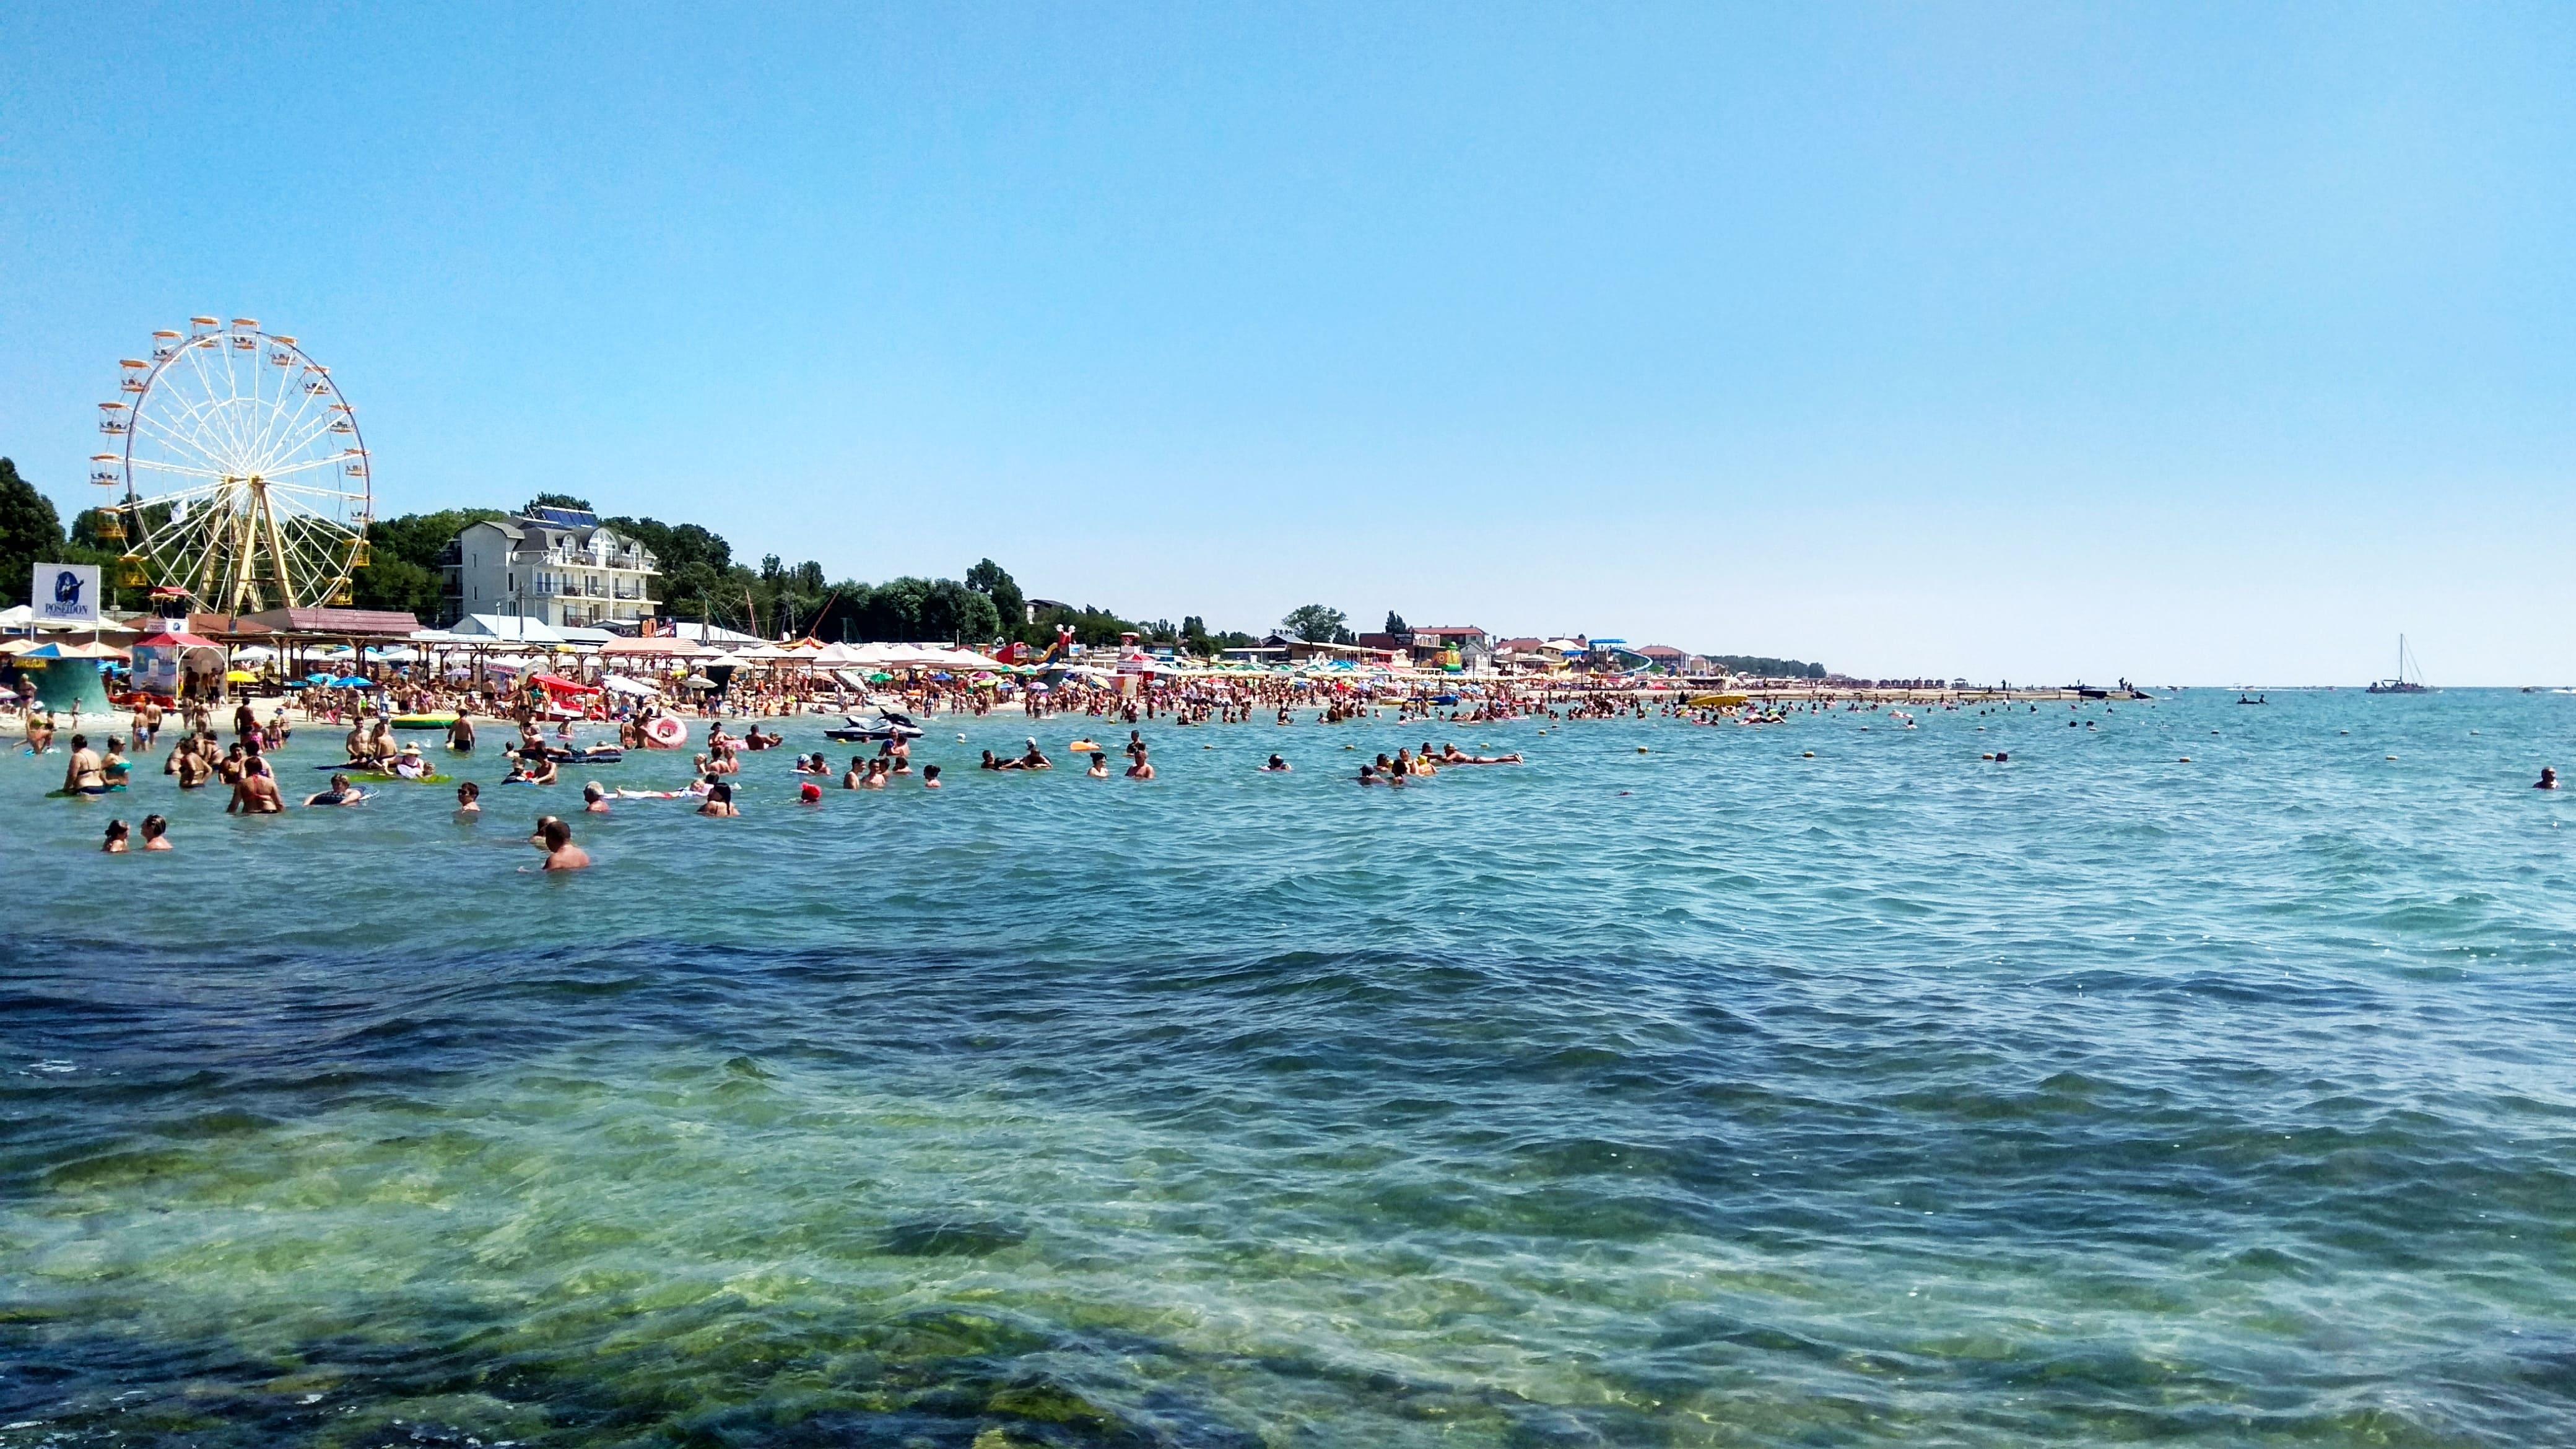 Курортный городок на Черном море, Железный Порт, 4k Ultra HD, 4160 на 2340 пикселей